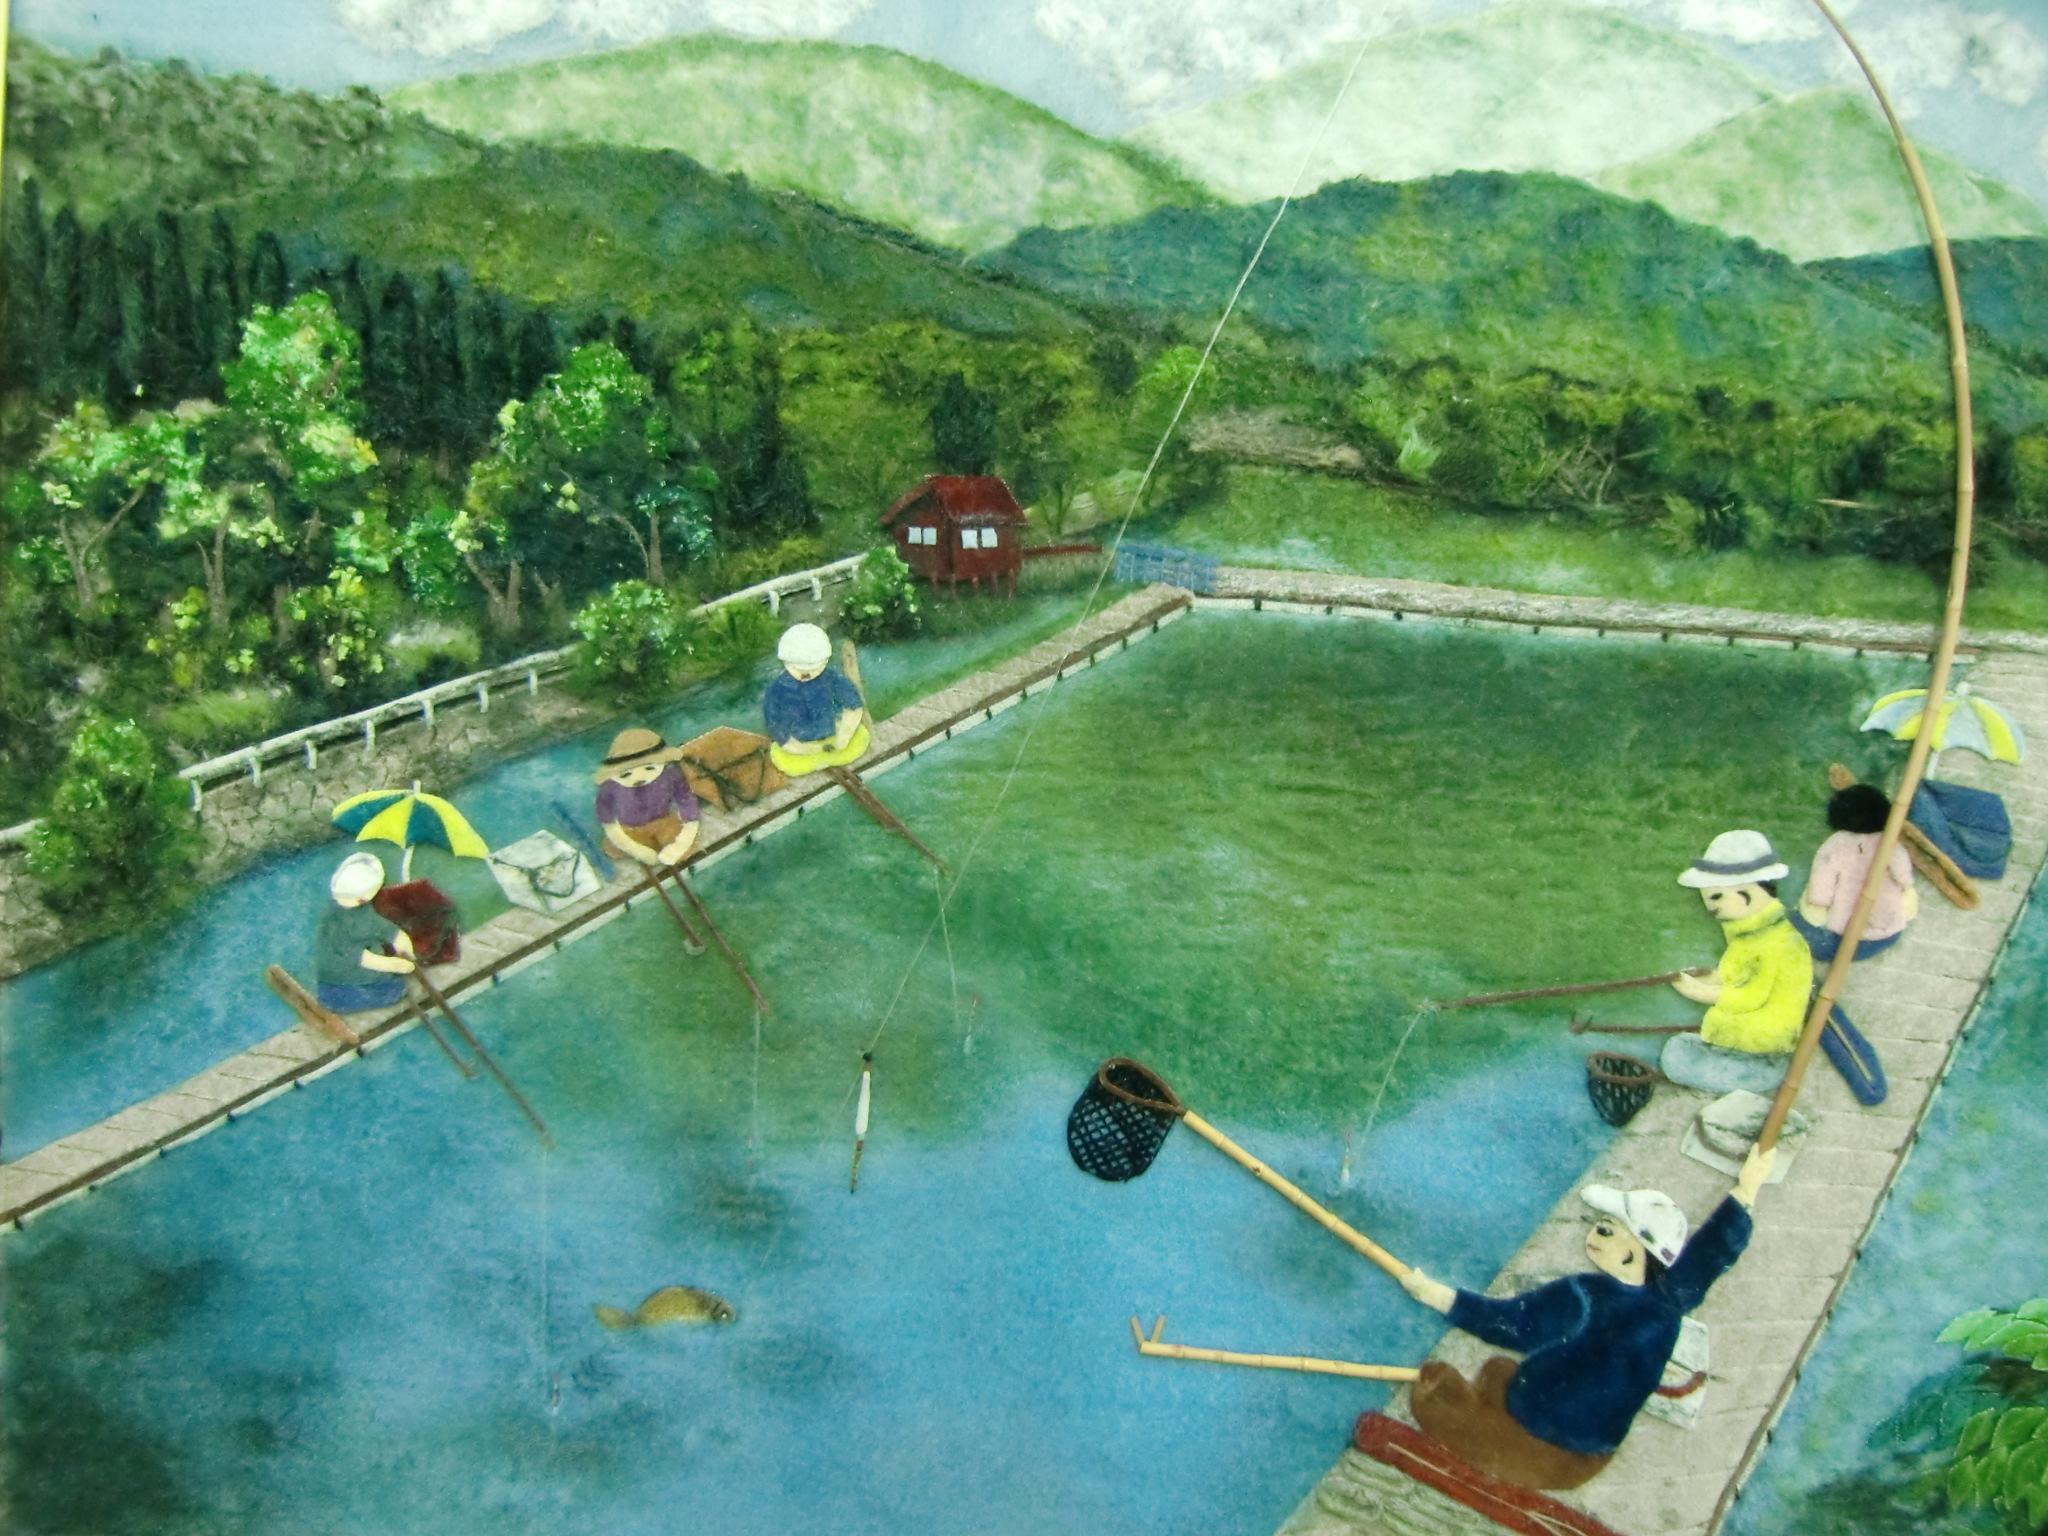 日本1の竹竿の橋本♪アジアヘラブナサミット開催へ